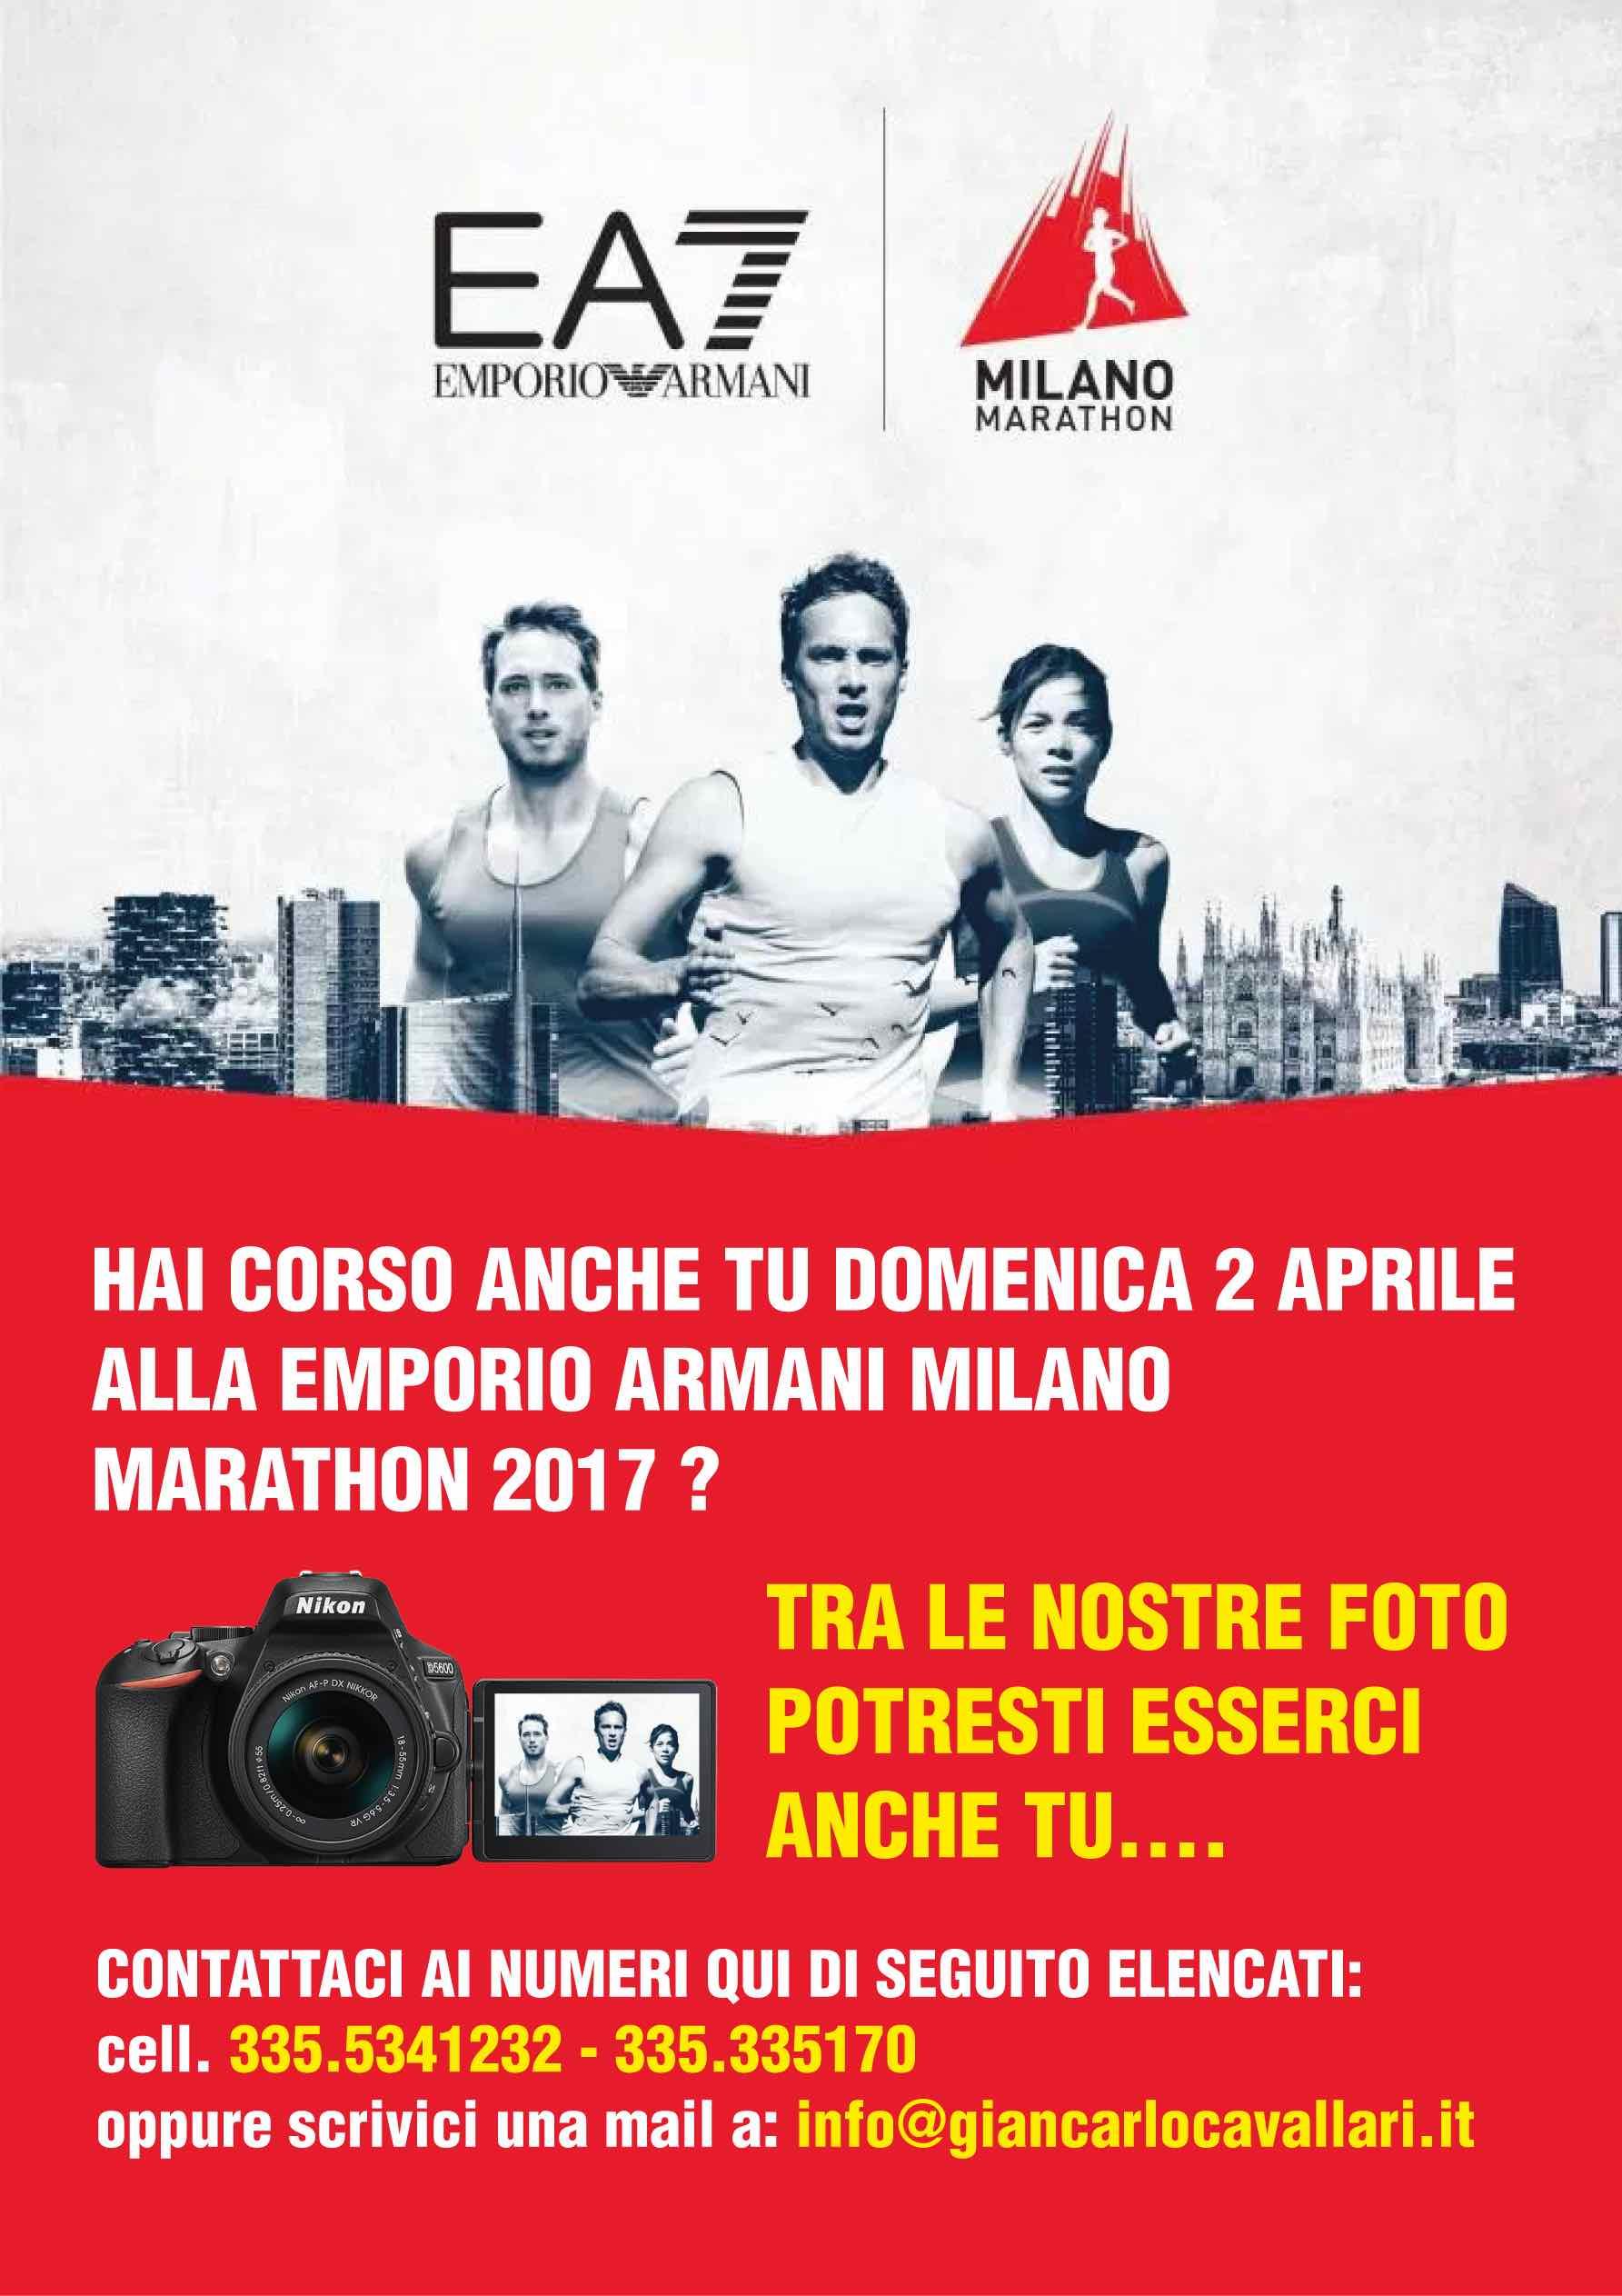 Armani_milano_marathon_2017